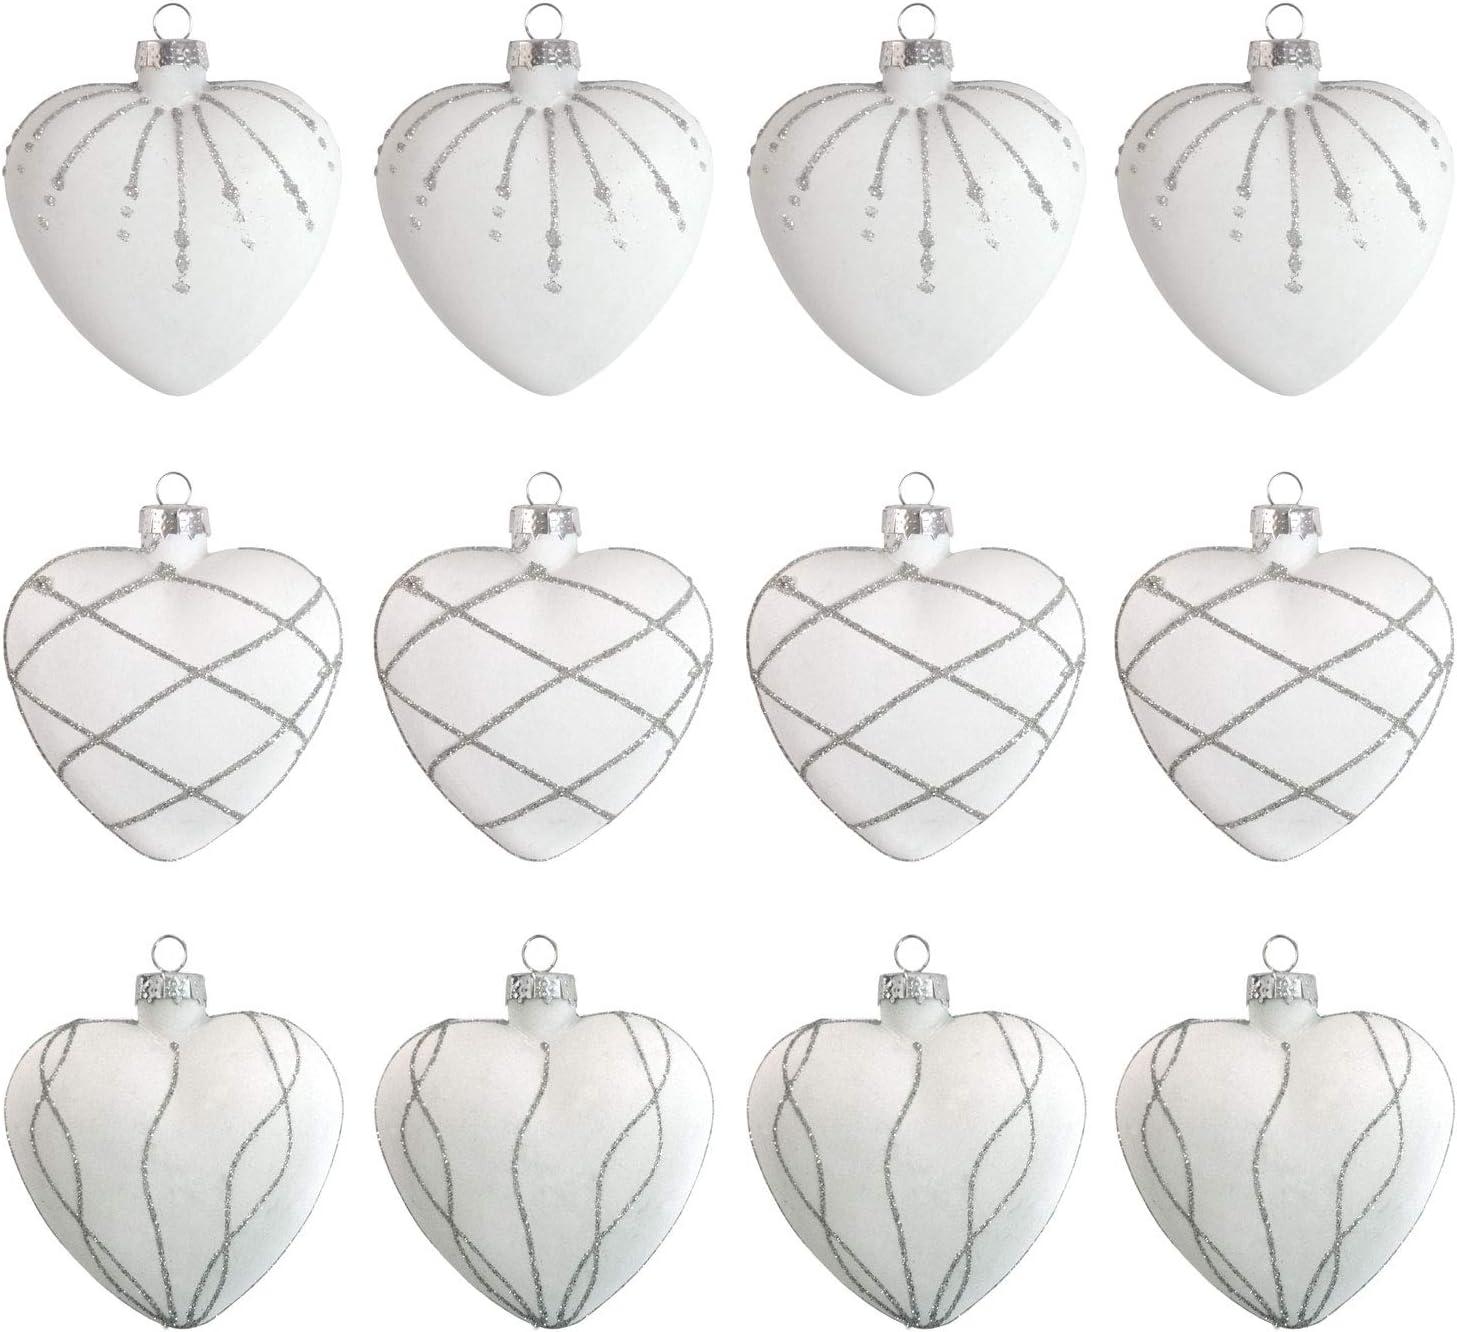 Unbekannt 12er Boule de no/ël Ensemble Coeur 8cm Verre 3 vari/ét/és Boules de Sapin de no/ël d/écorations pour Arbres de no/ël Boules de Verre en Forme de Coeur Coleur:Blanc